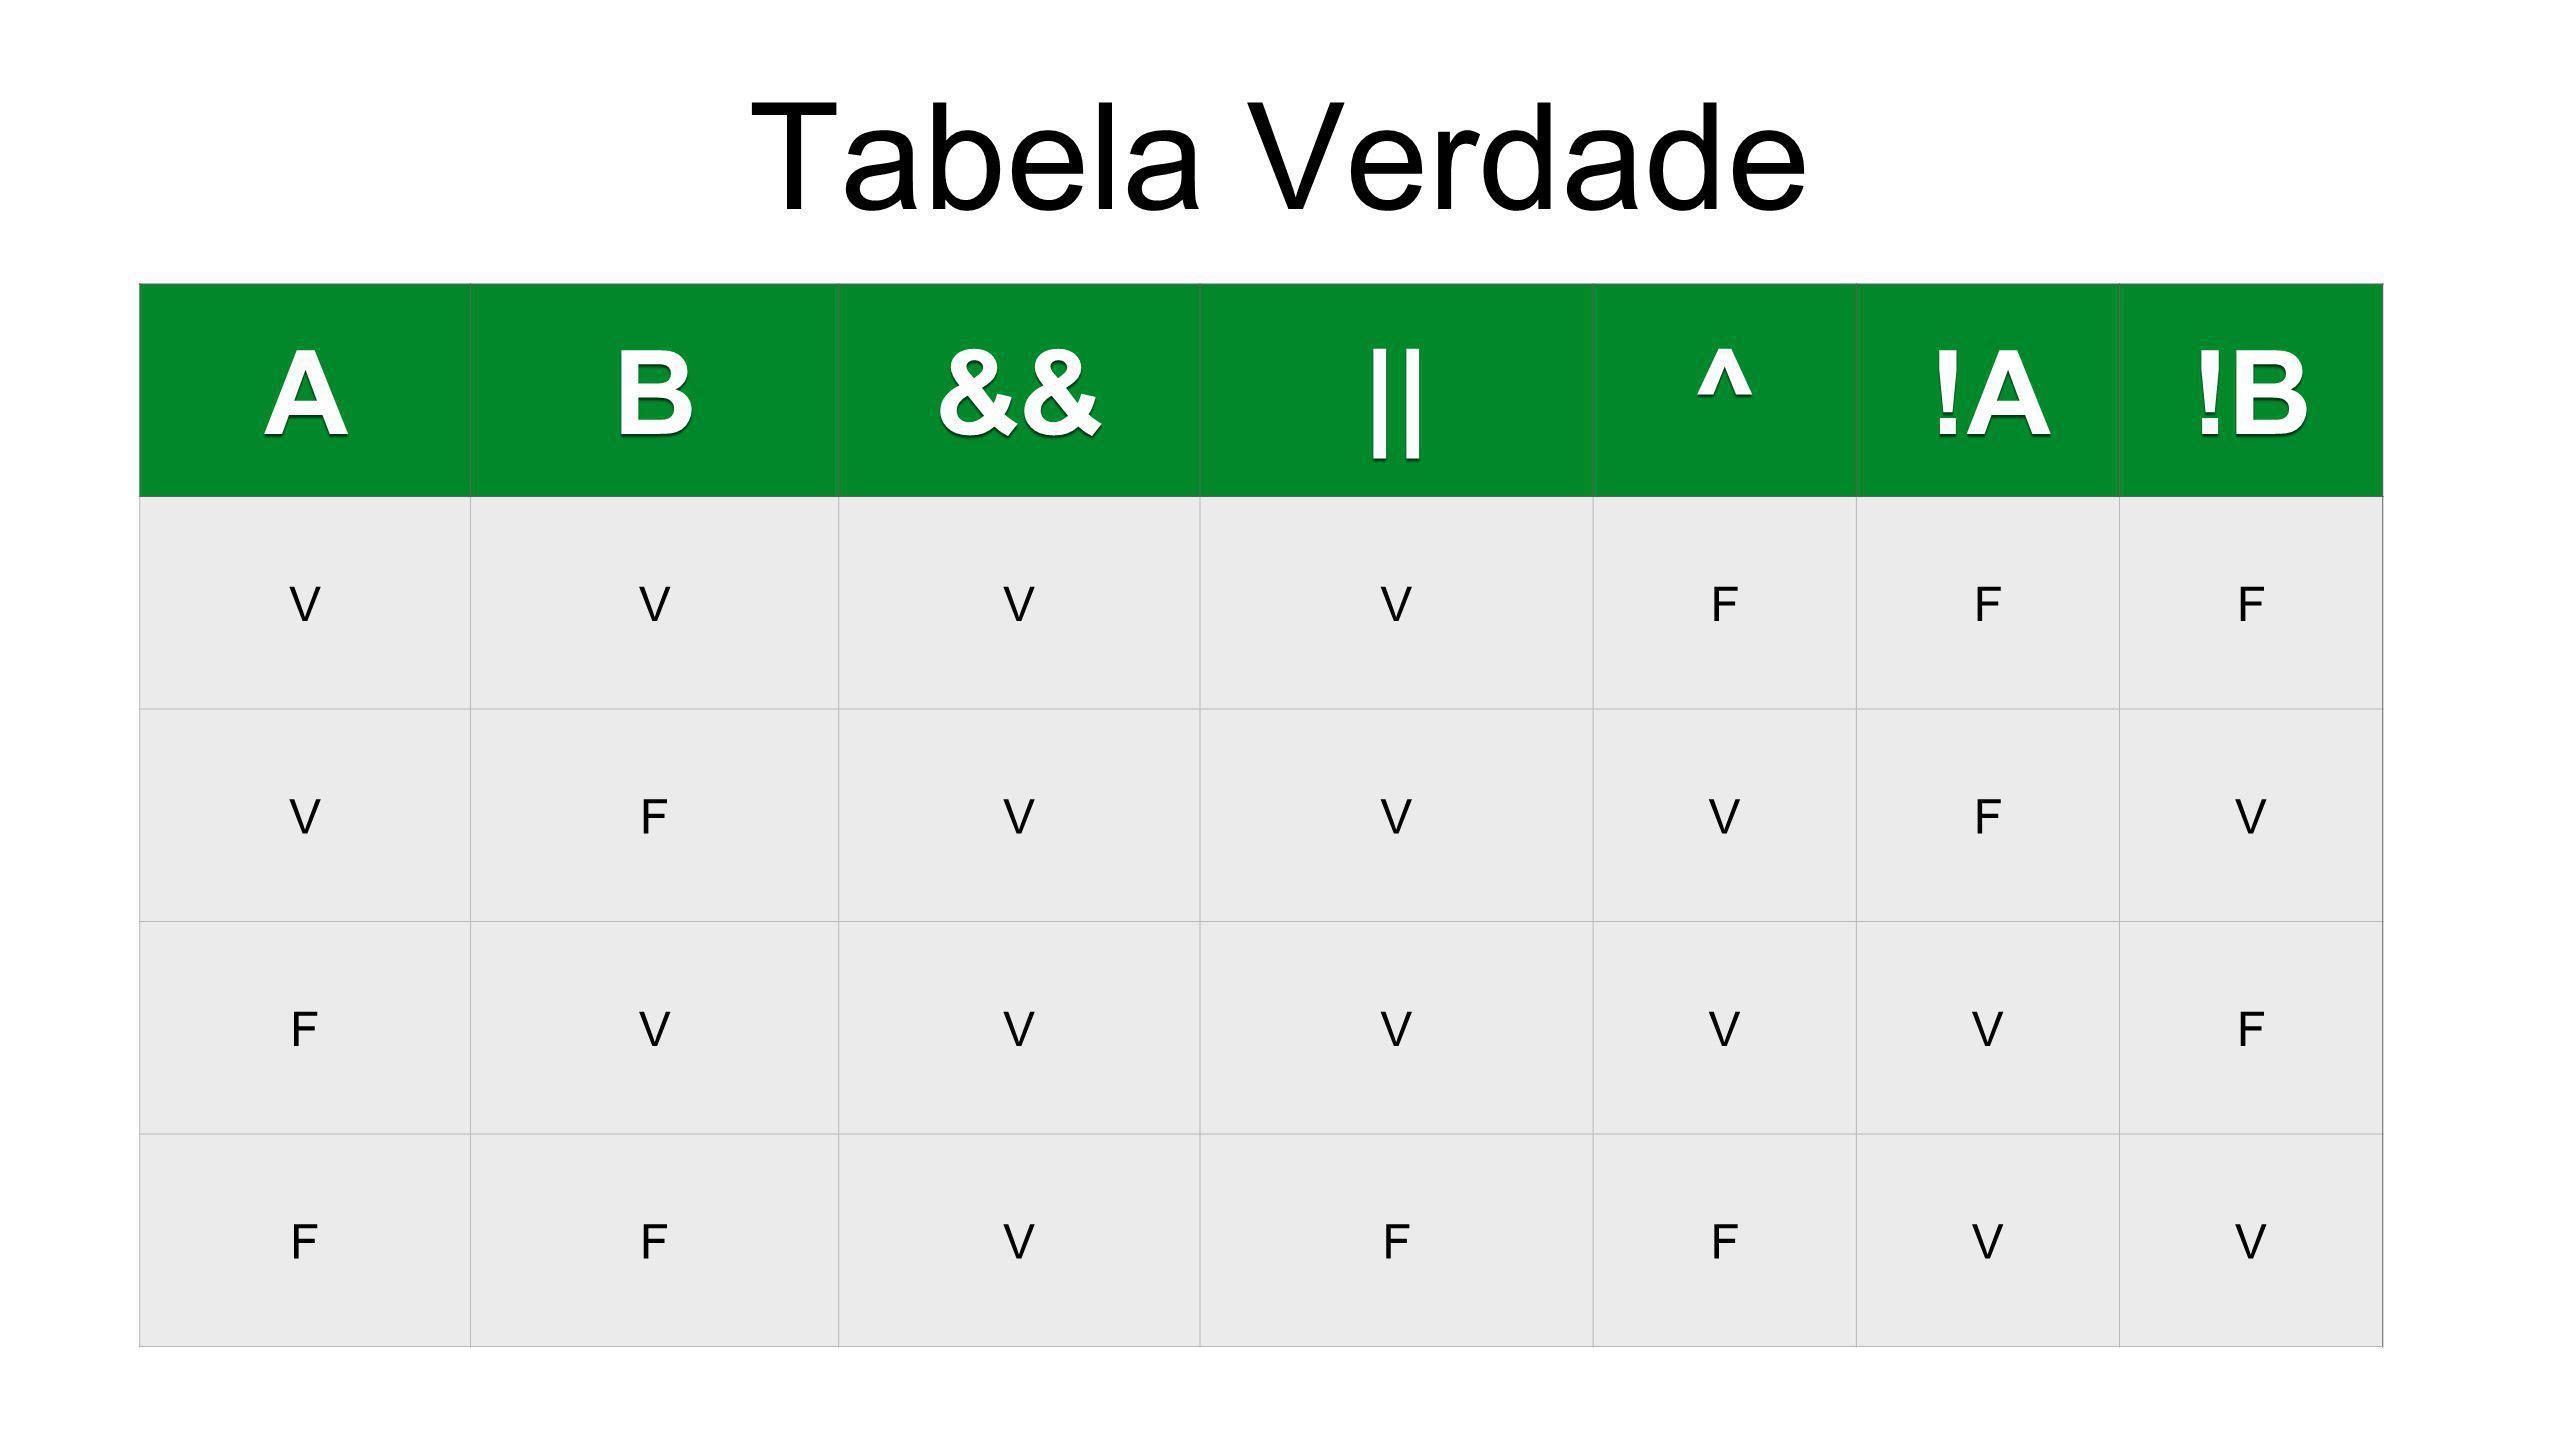 Tabela Verdade AB&&||^!A!B VVVVFFF VFVVVFV FVVVVVF FFVFFVV